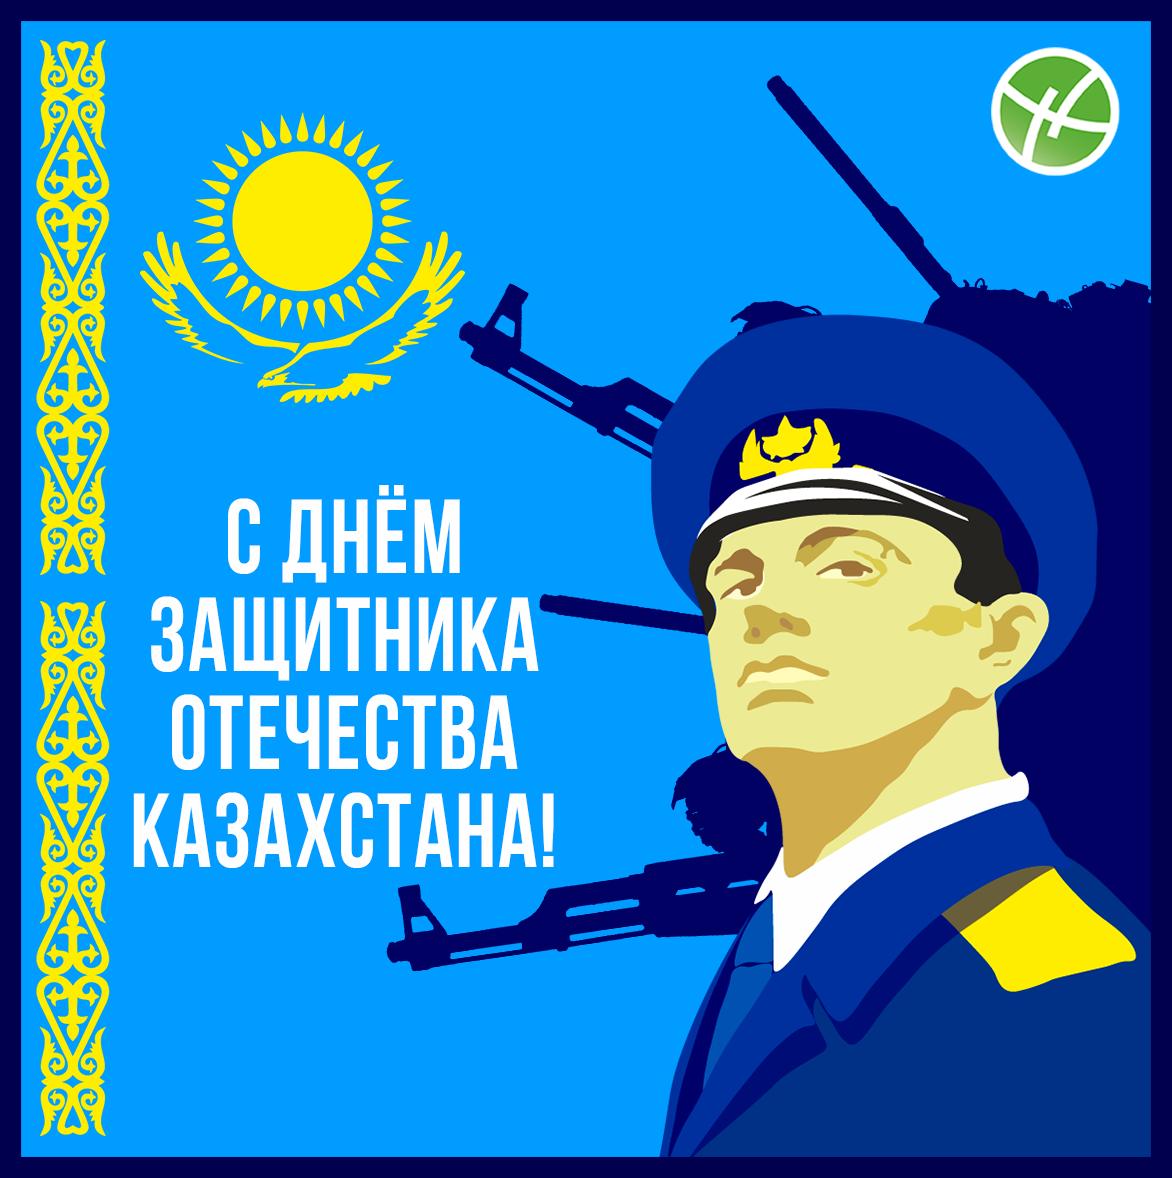 Открытка день защитника отечества казахстана